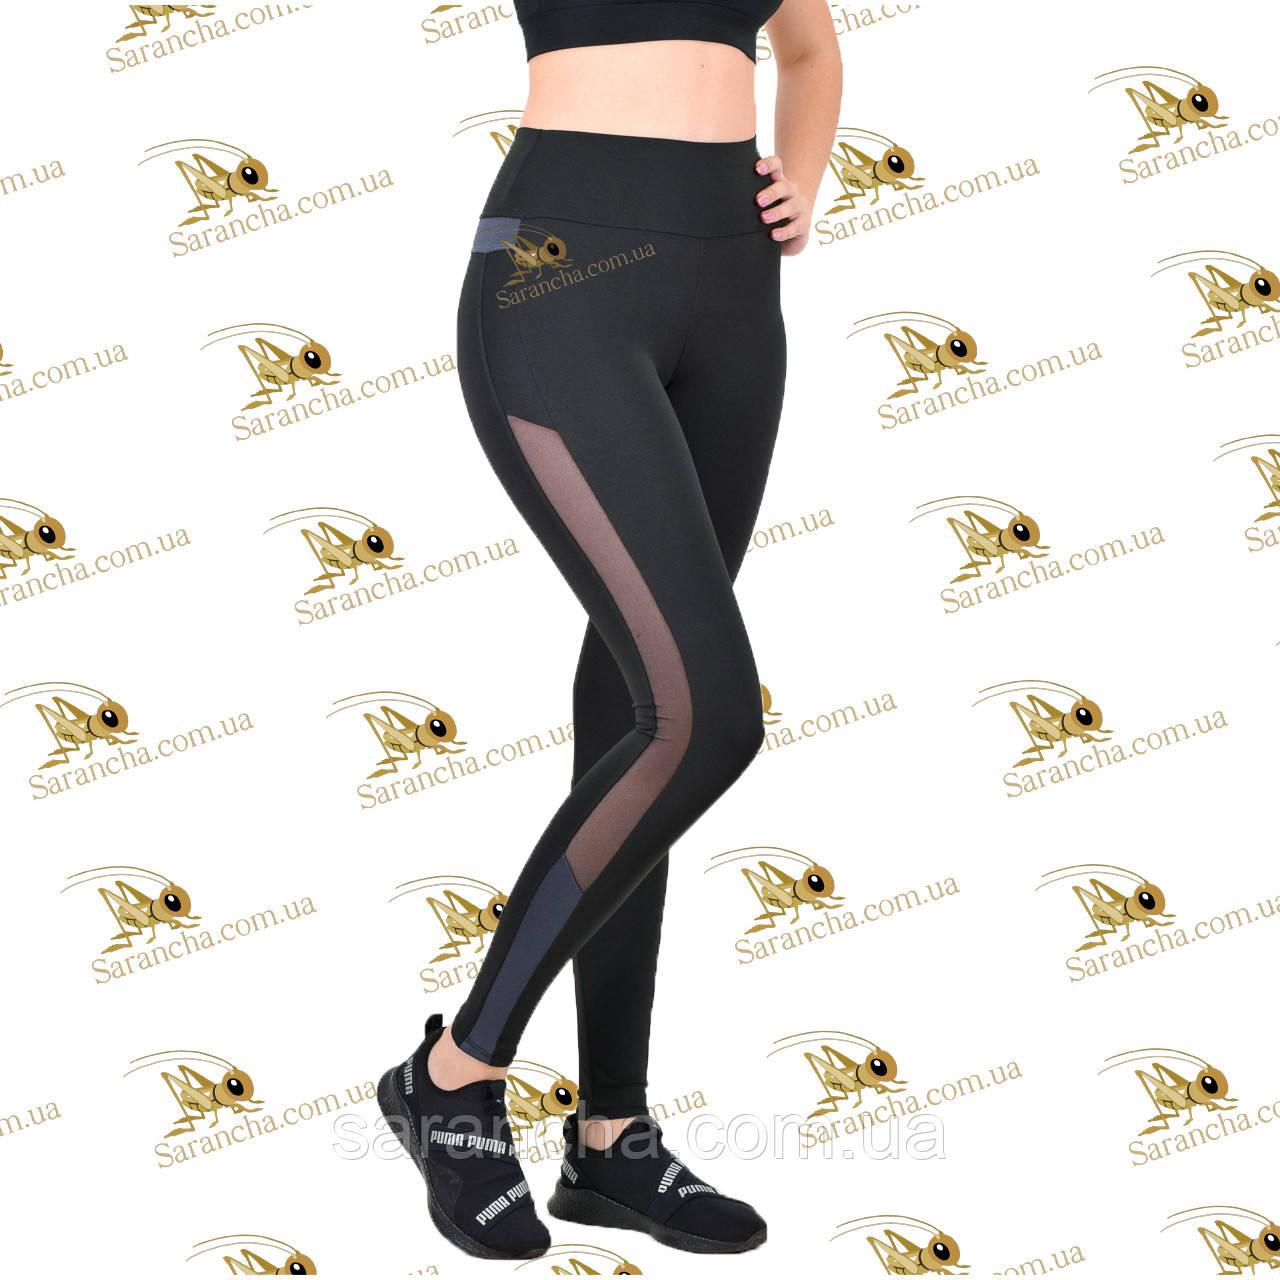 Женские спортивные лосины с темно-серыми вставками